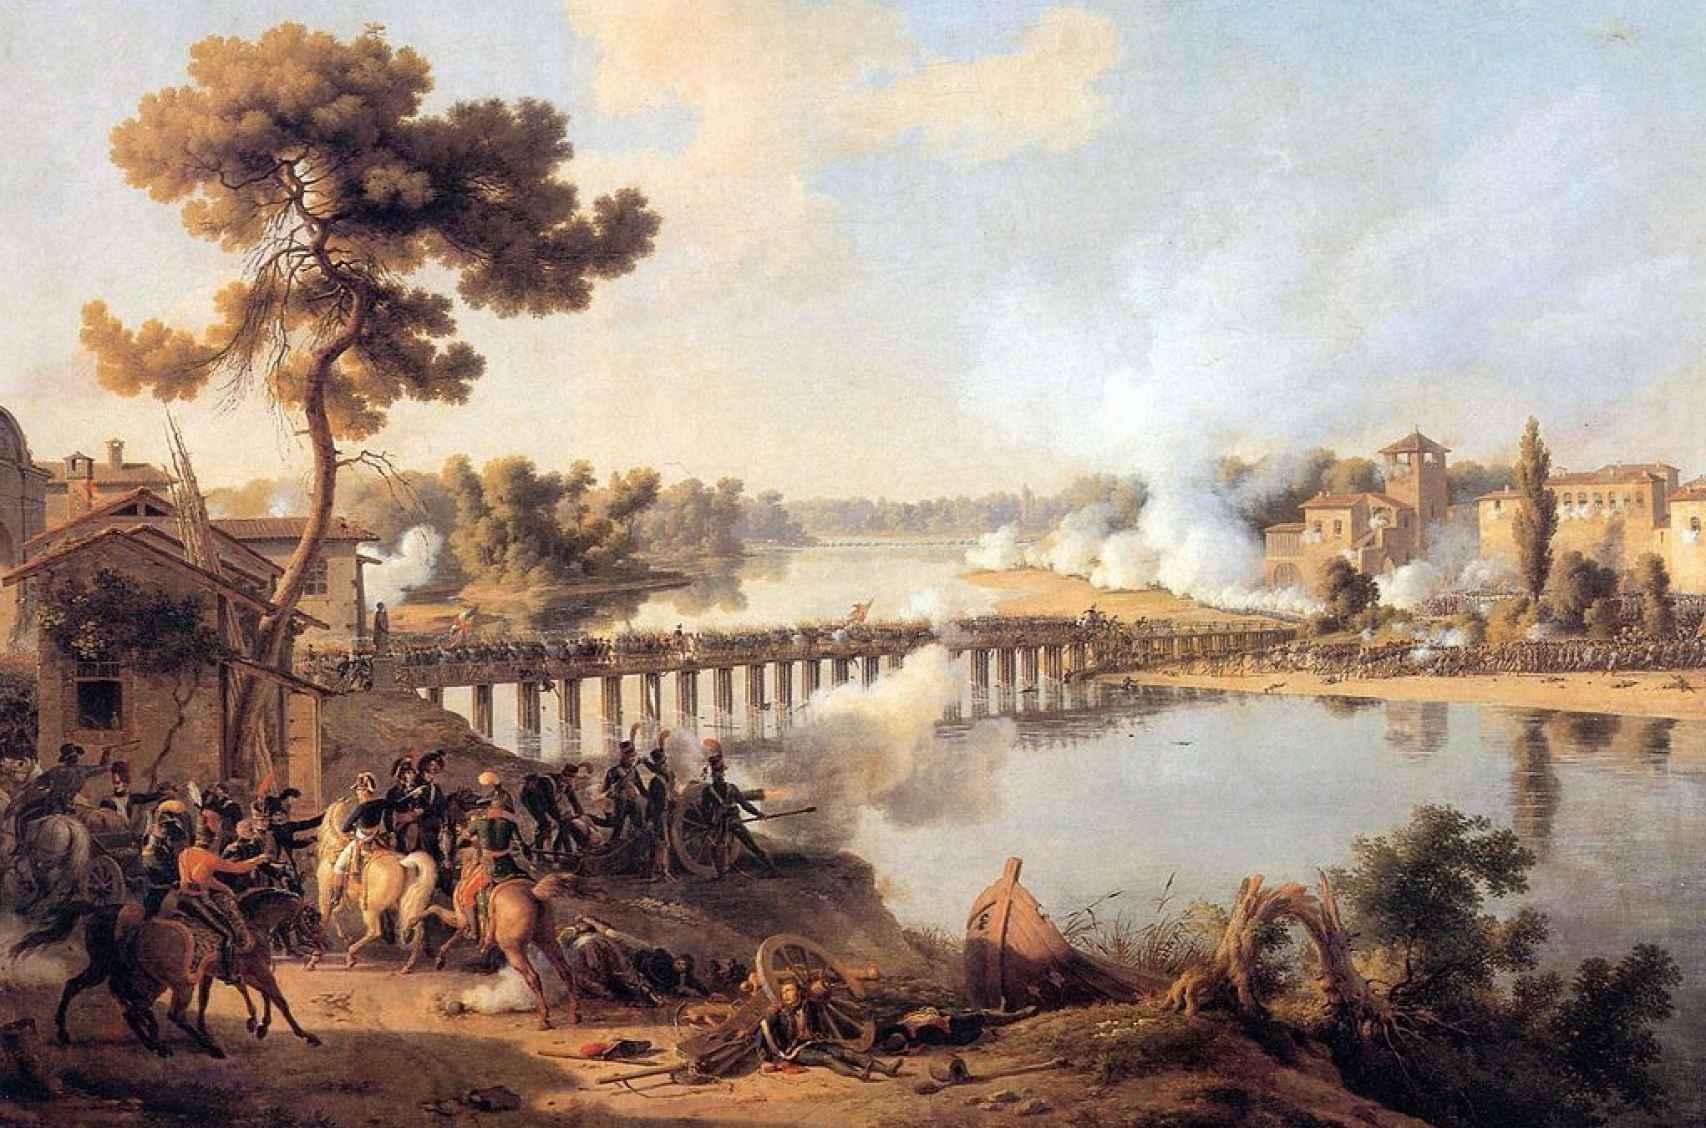 Lienzo sobre la batalla del puente de Lodi, la primera victoria significativa de la carrera de Napoleón.